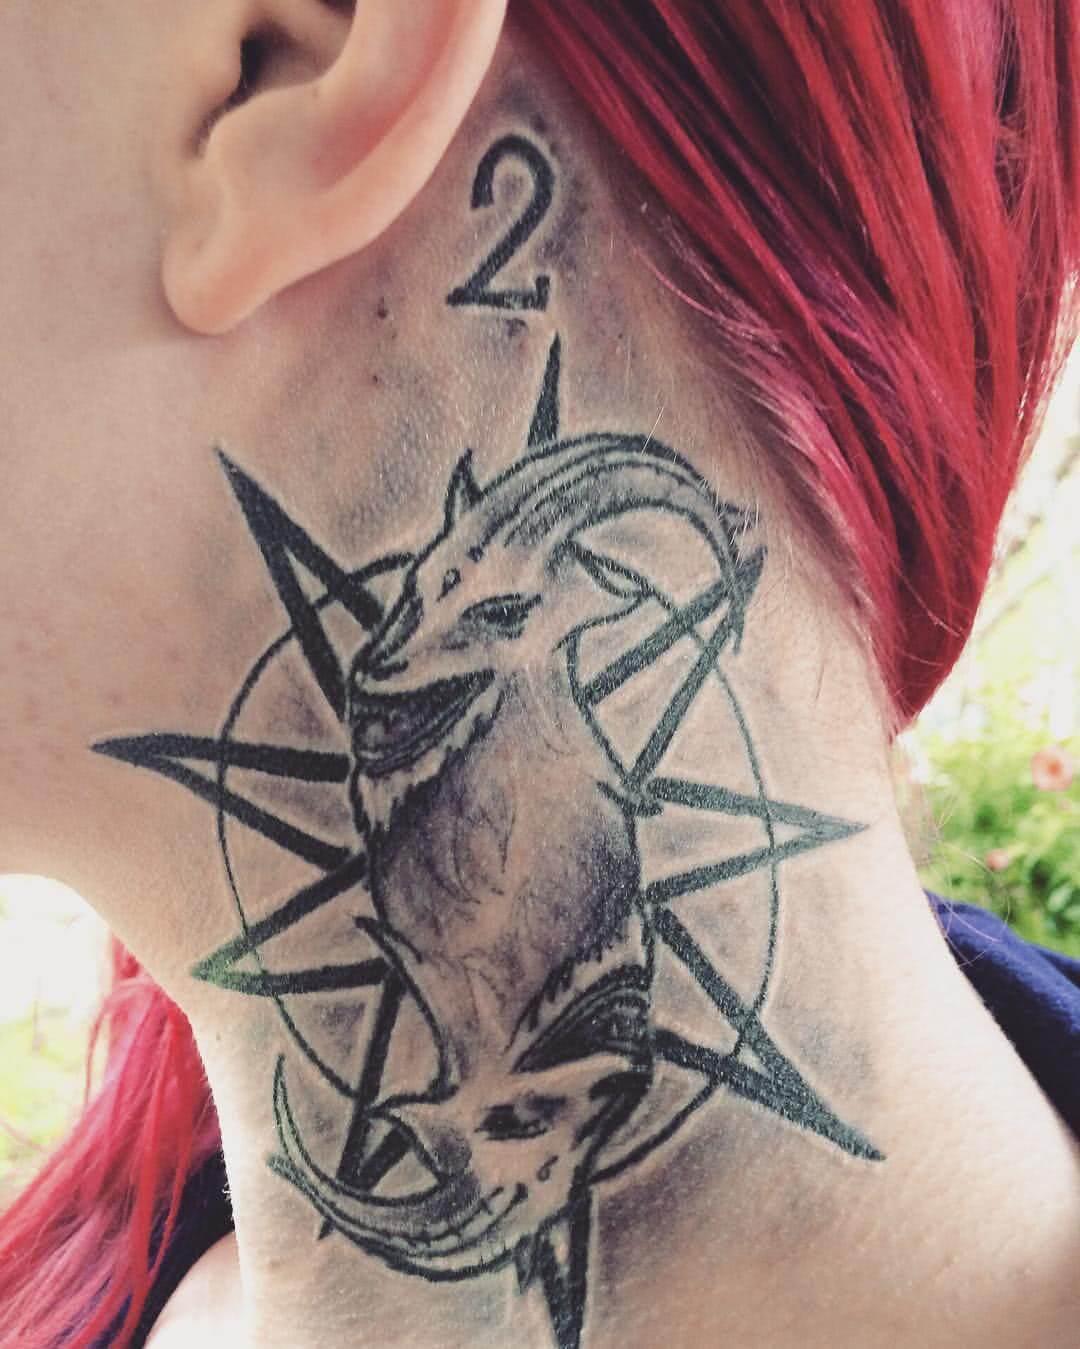 gespiegeltes Tattoo einer Ziege